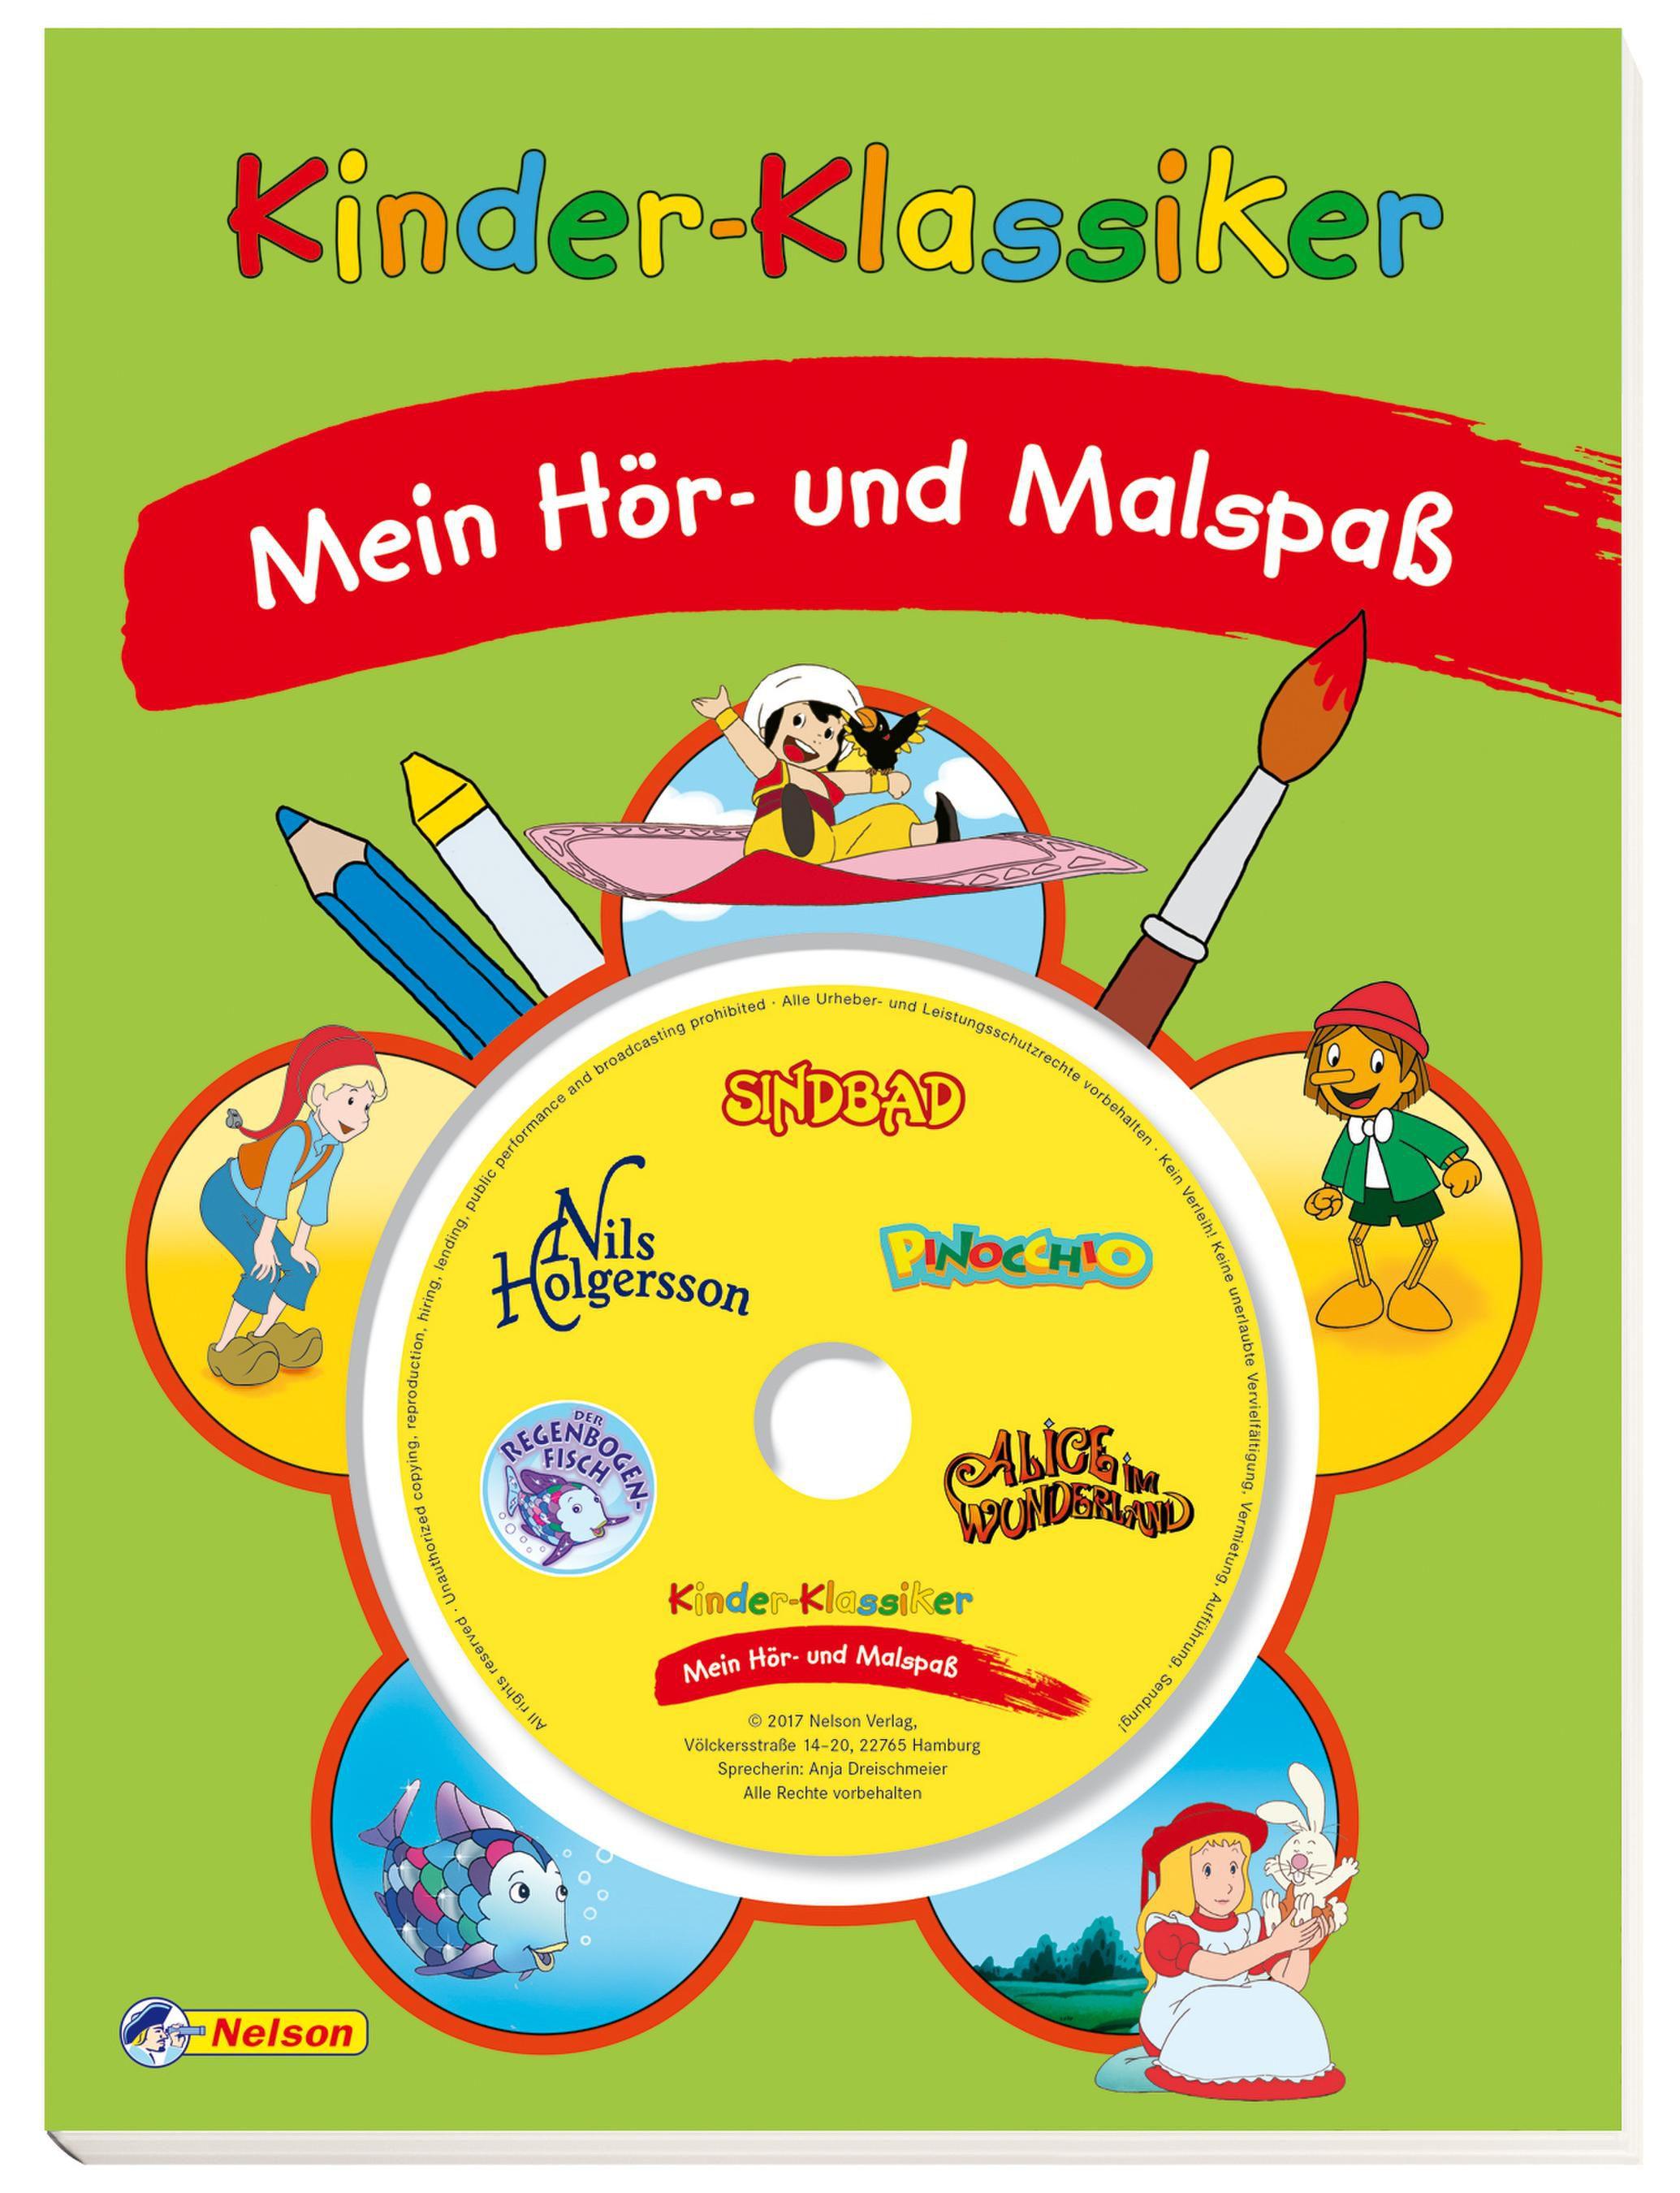 Beste Pinocchio Malbuch Bilder - Druckbare Malvorlagen - helmymaher.com